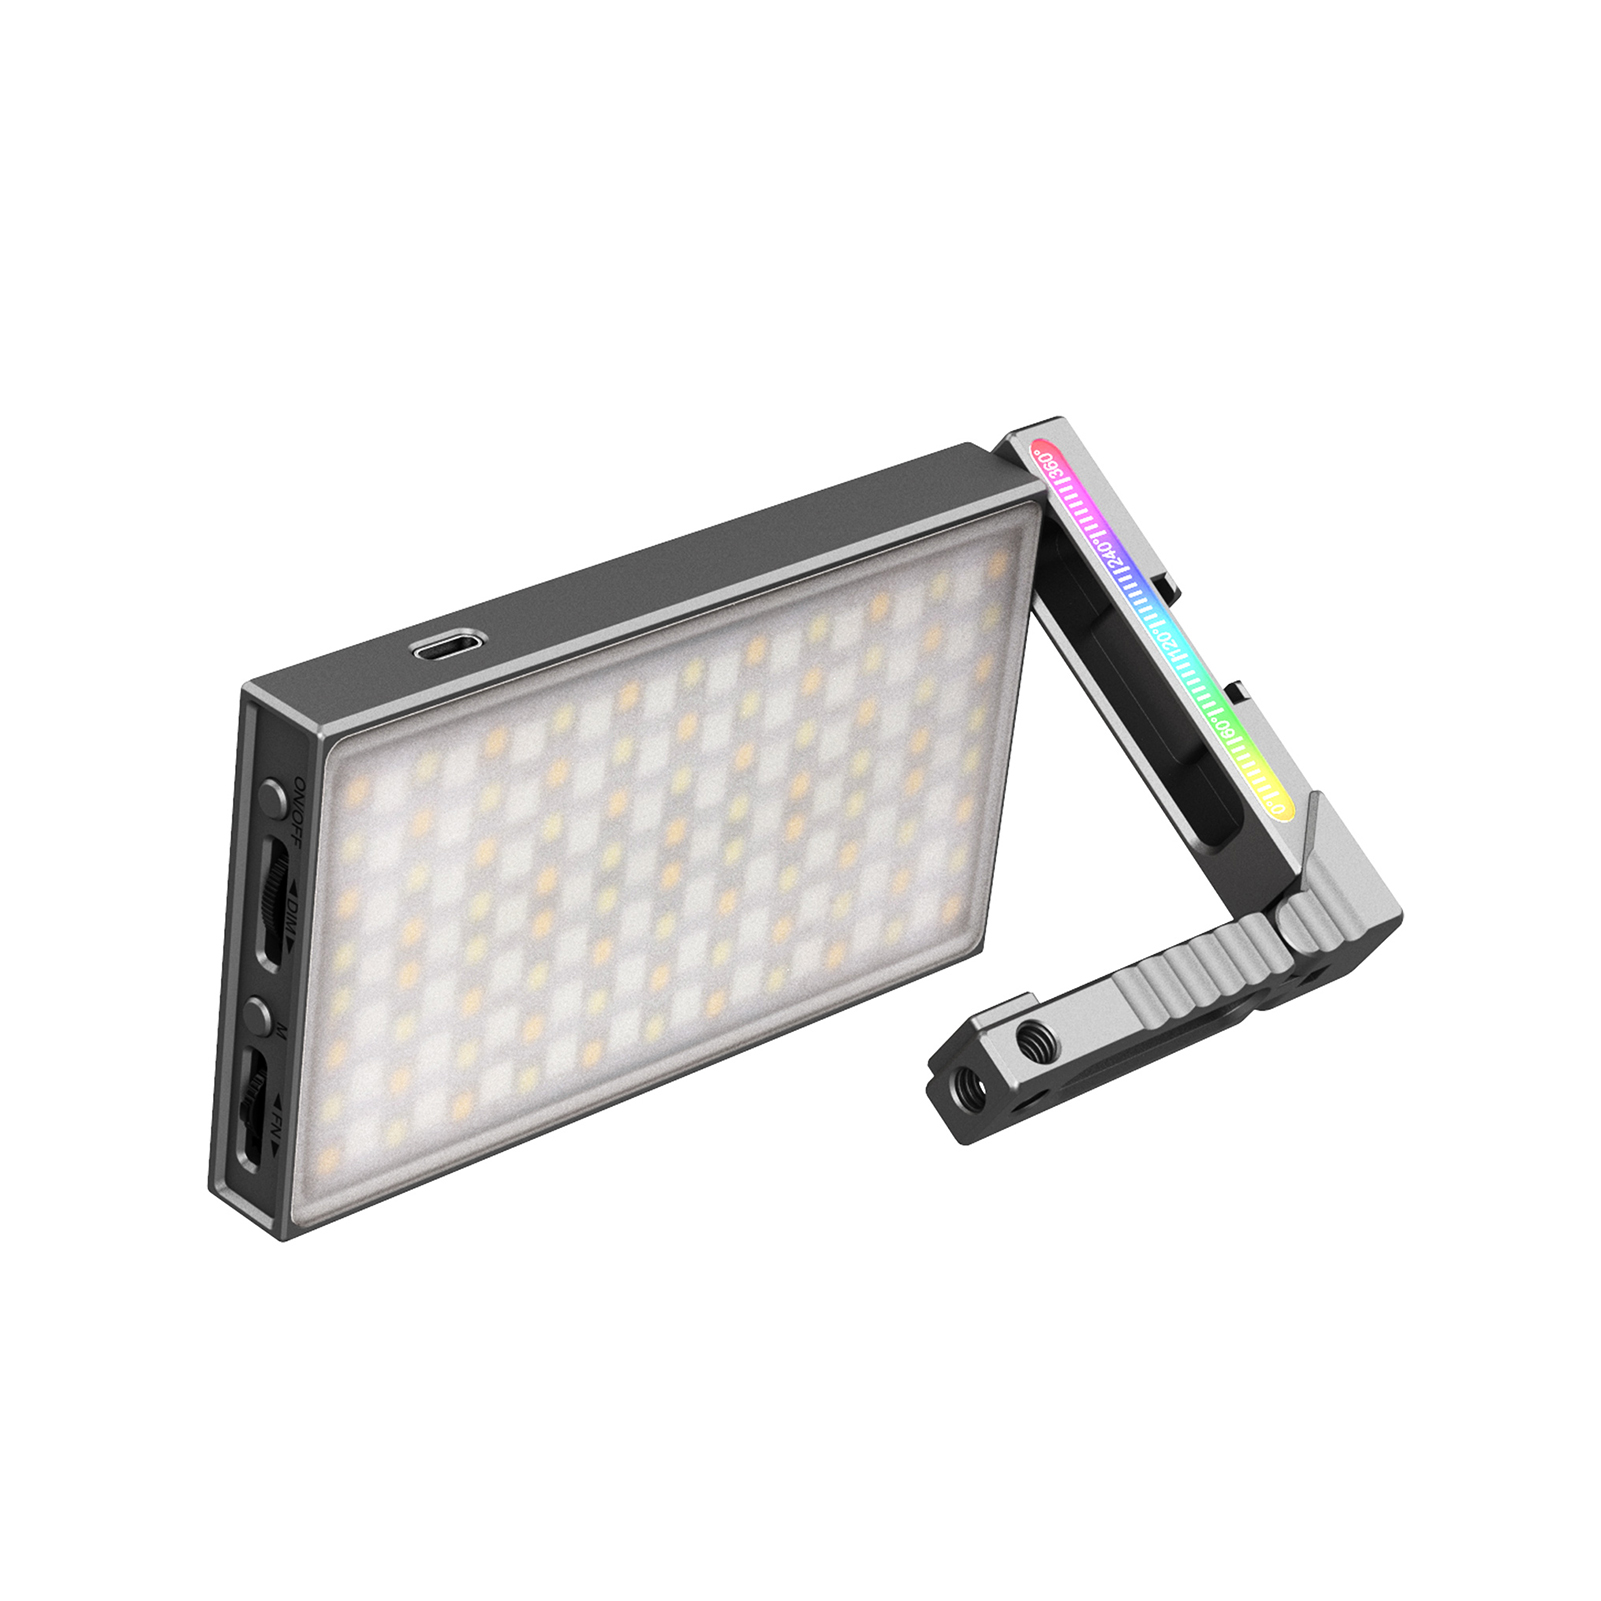 cor cheia lâmpada 8w 2700-8500k pode ser